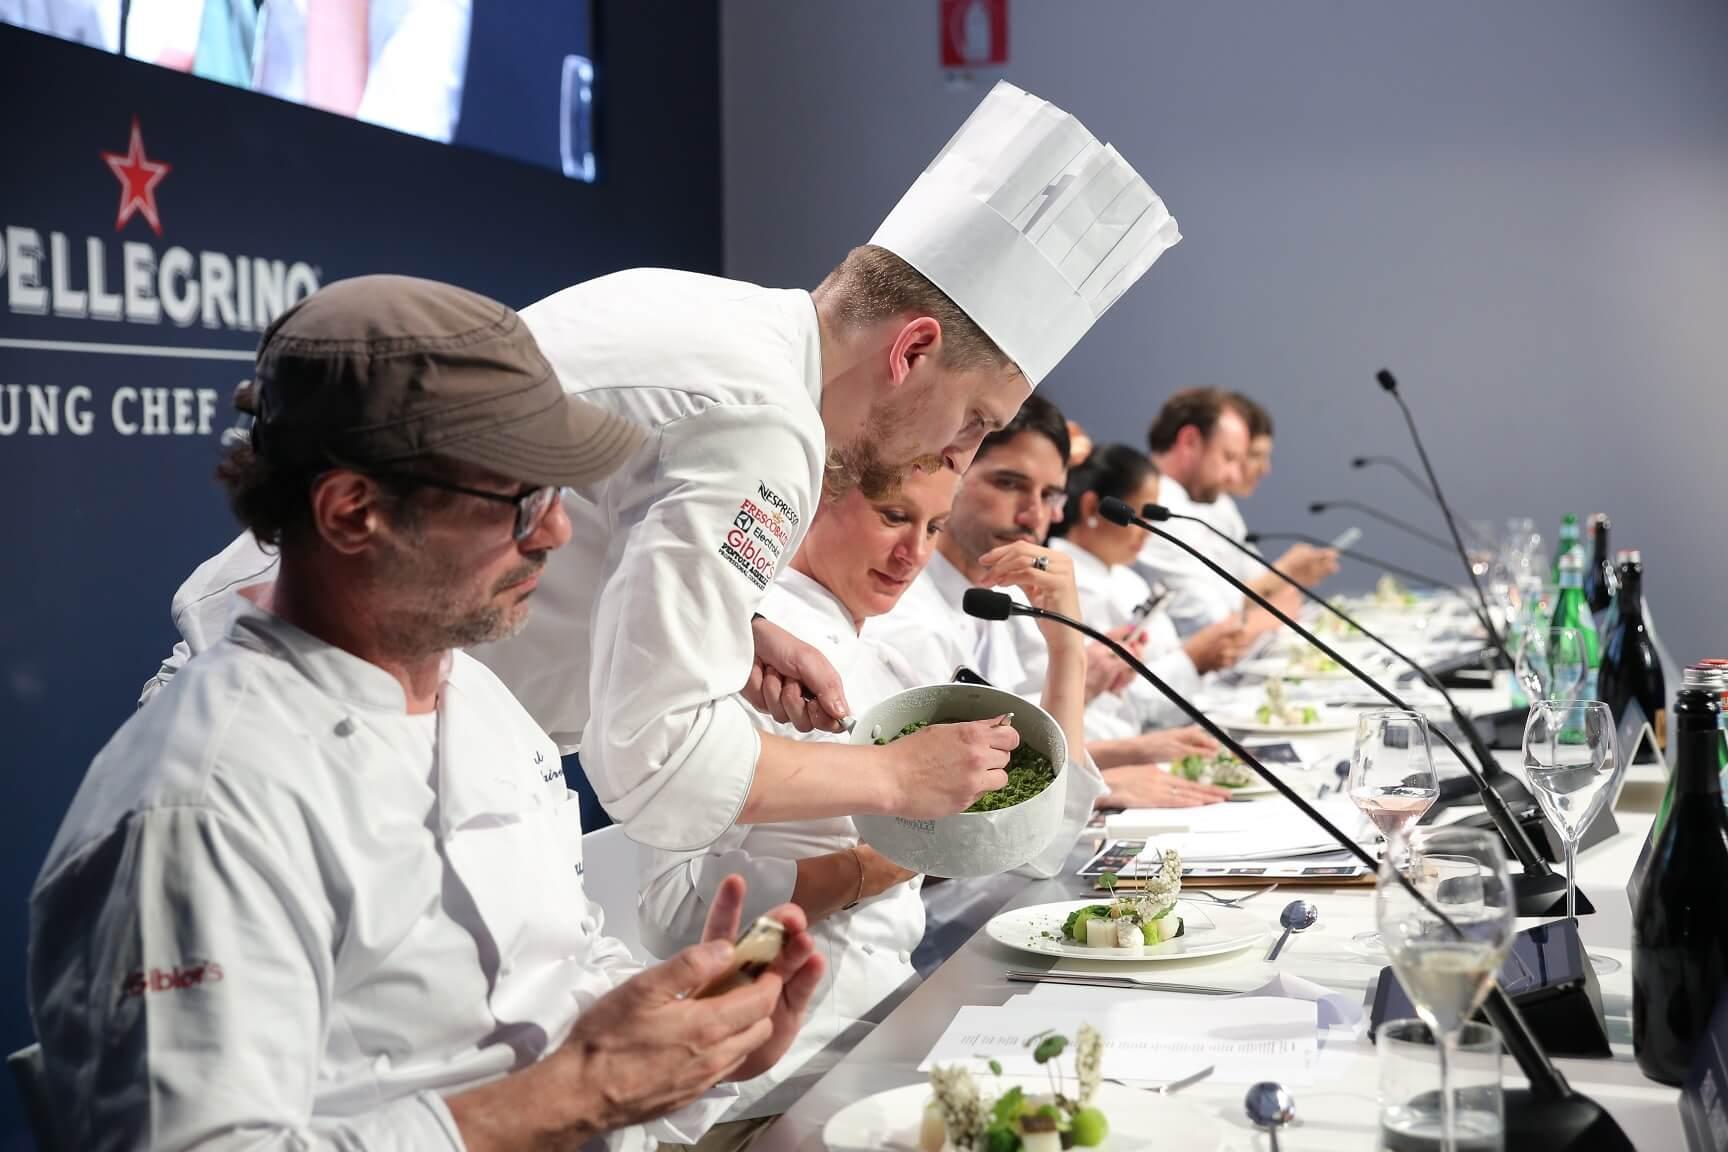 S.Pellegrino annuncia il lancio della Young Chef Academy